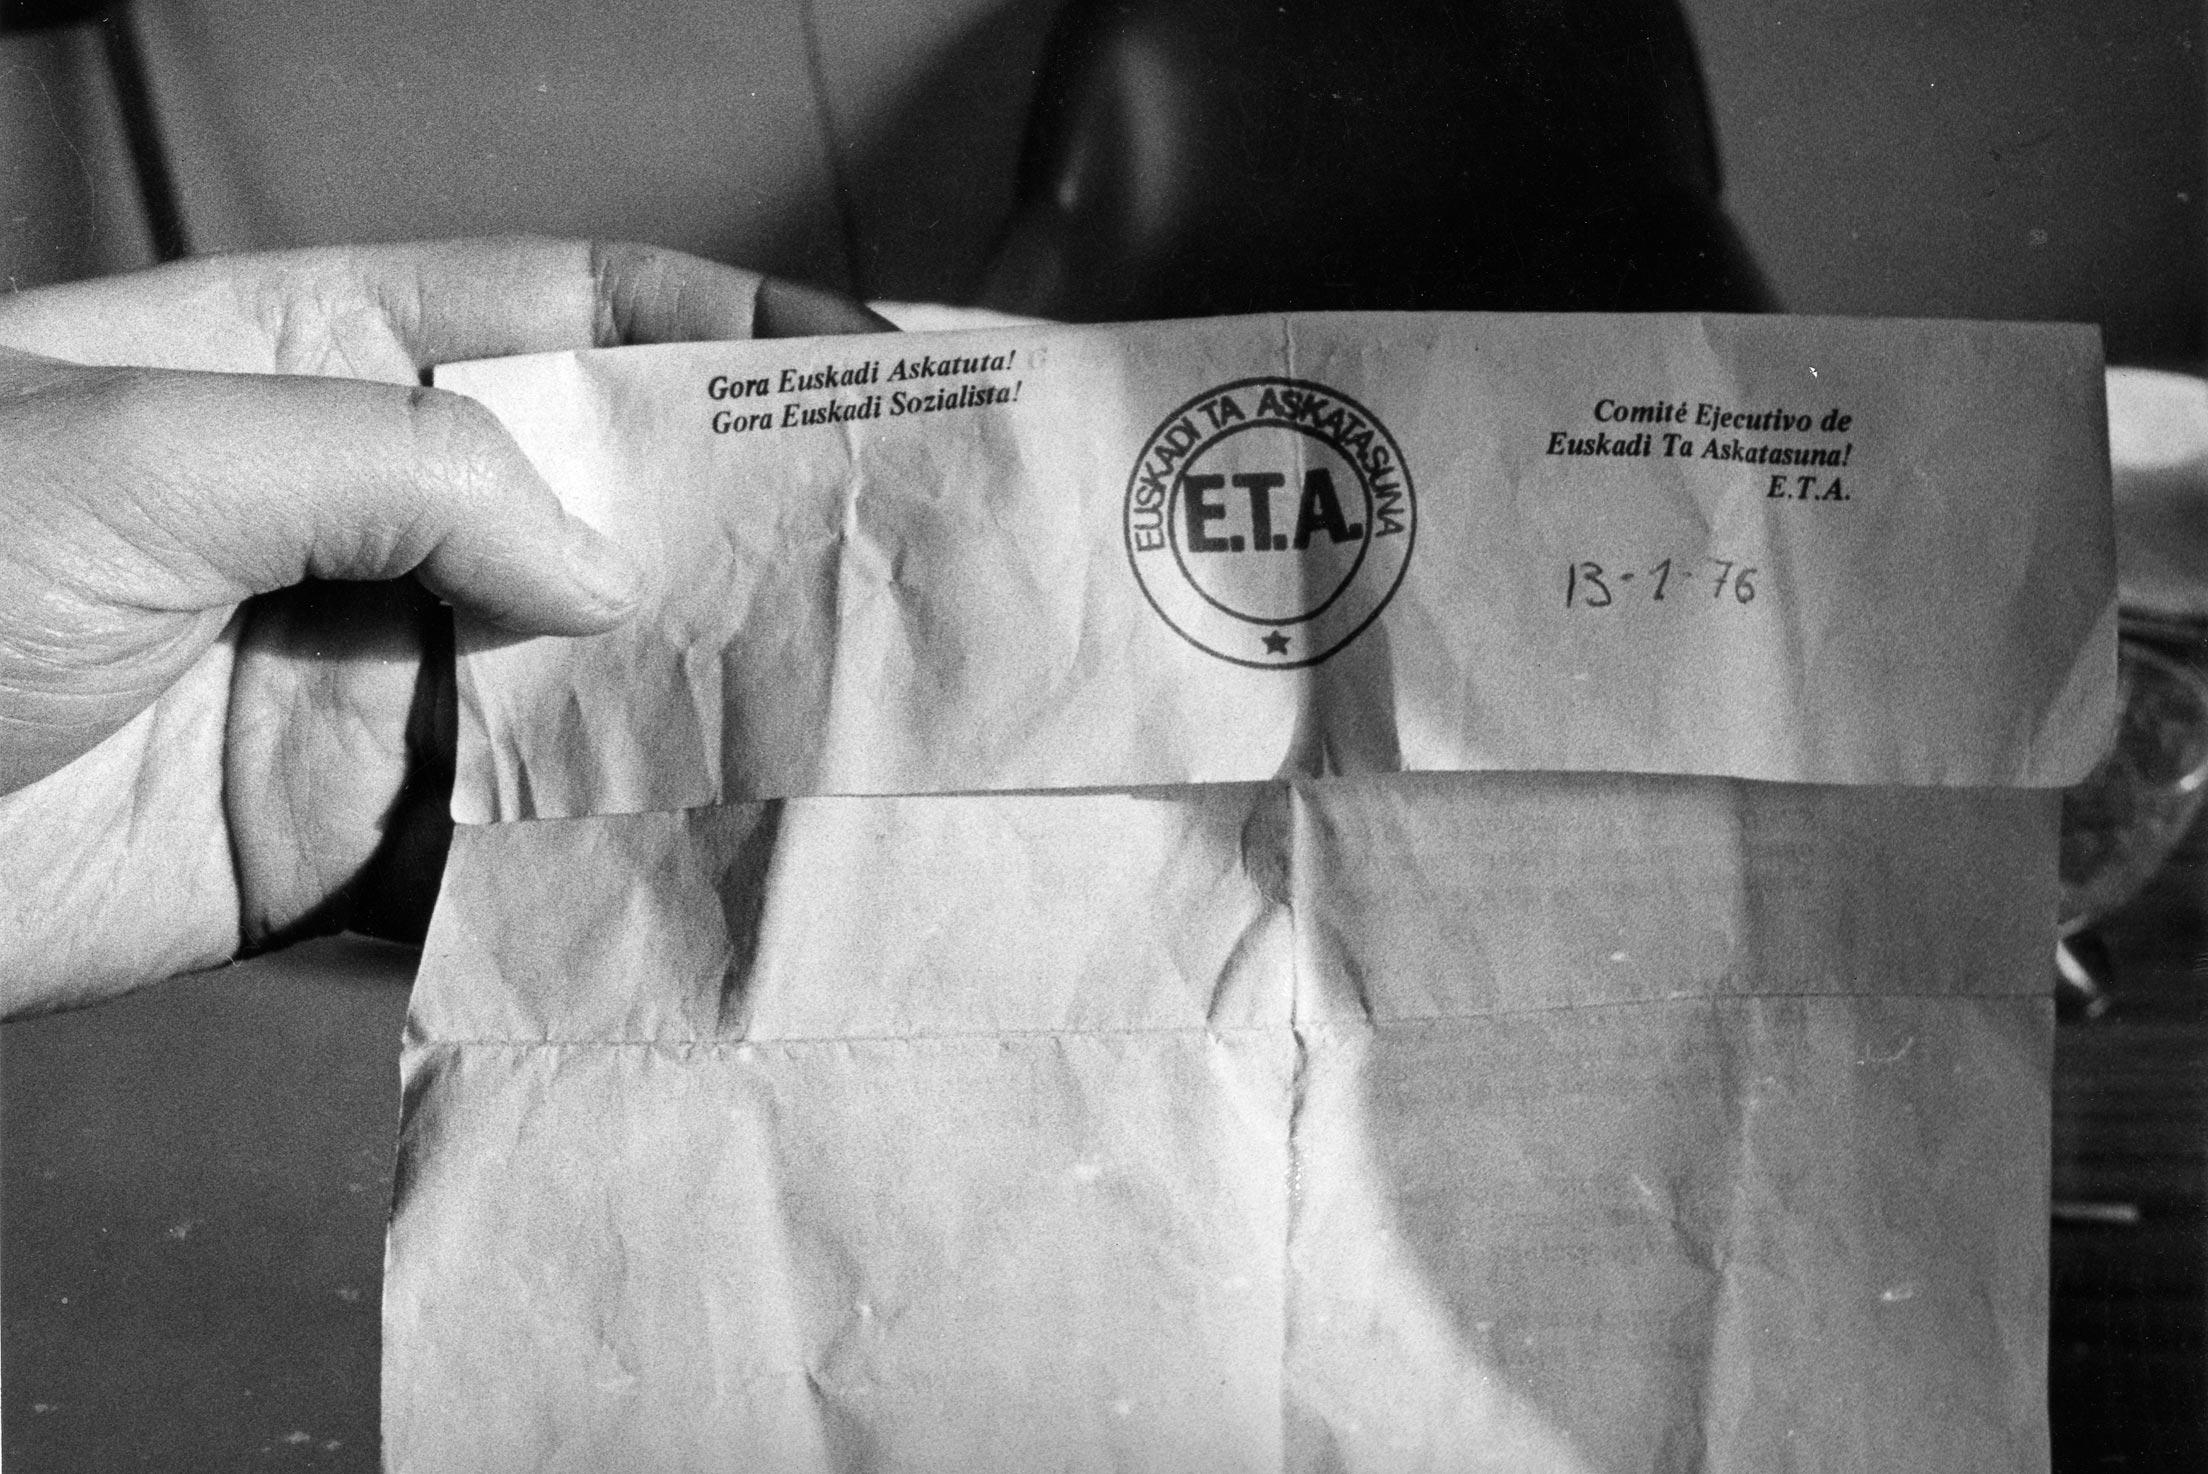 Carta de ETA pidiendo 100 millones de pesetas por el rescate de José Luis Arrasate, enero 1976